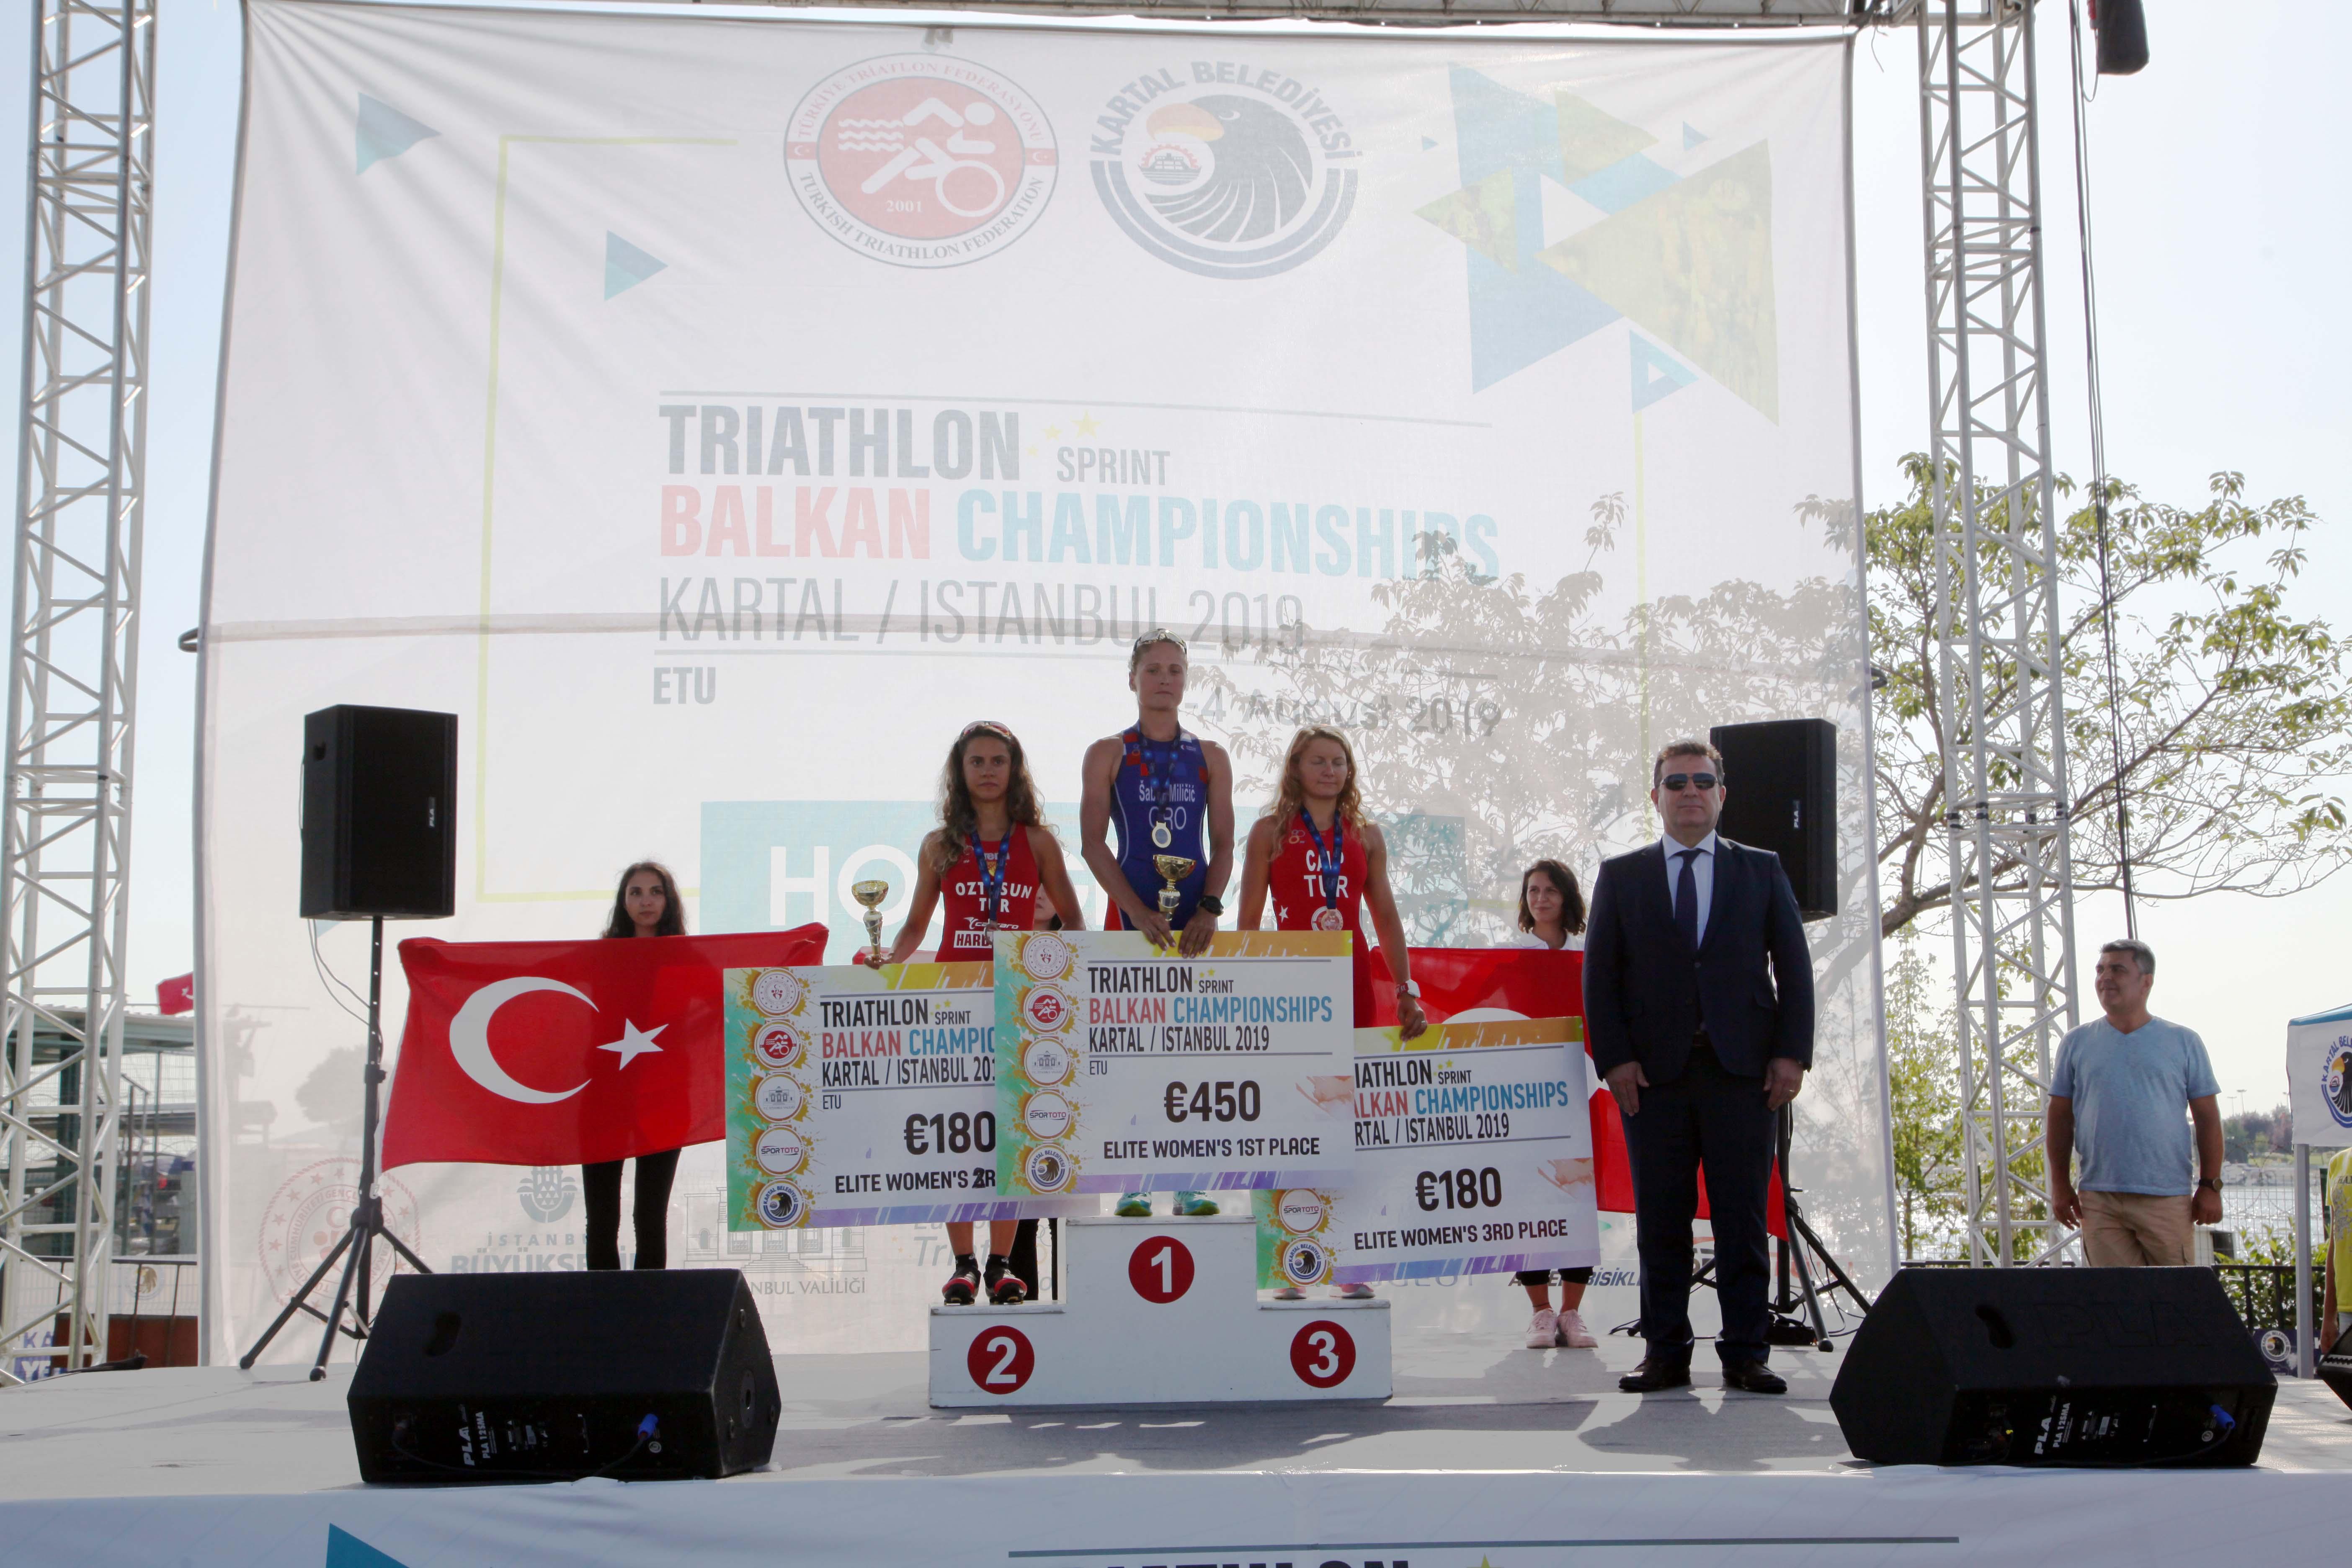 Kartal Belediyesi Triatlon Balkan Şampiyonası_na Ev Sahipliği Yaptı (13)